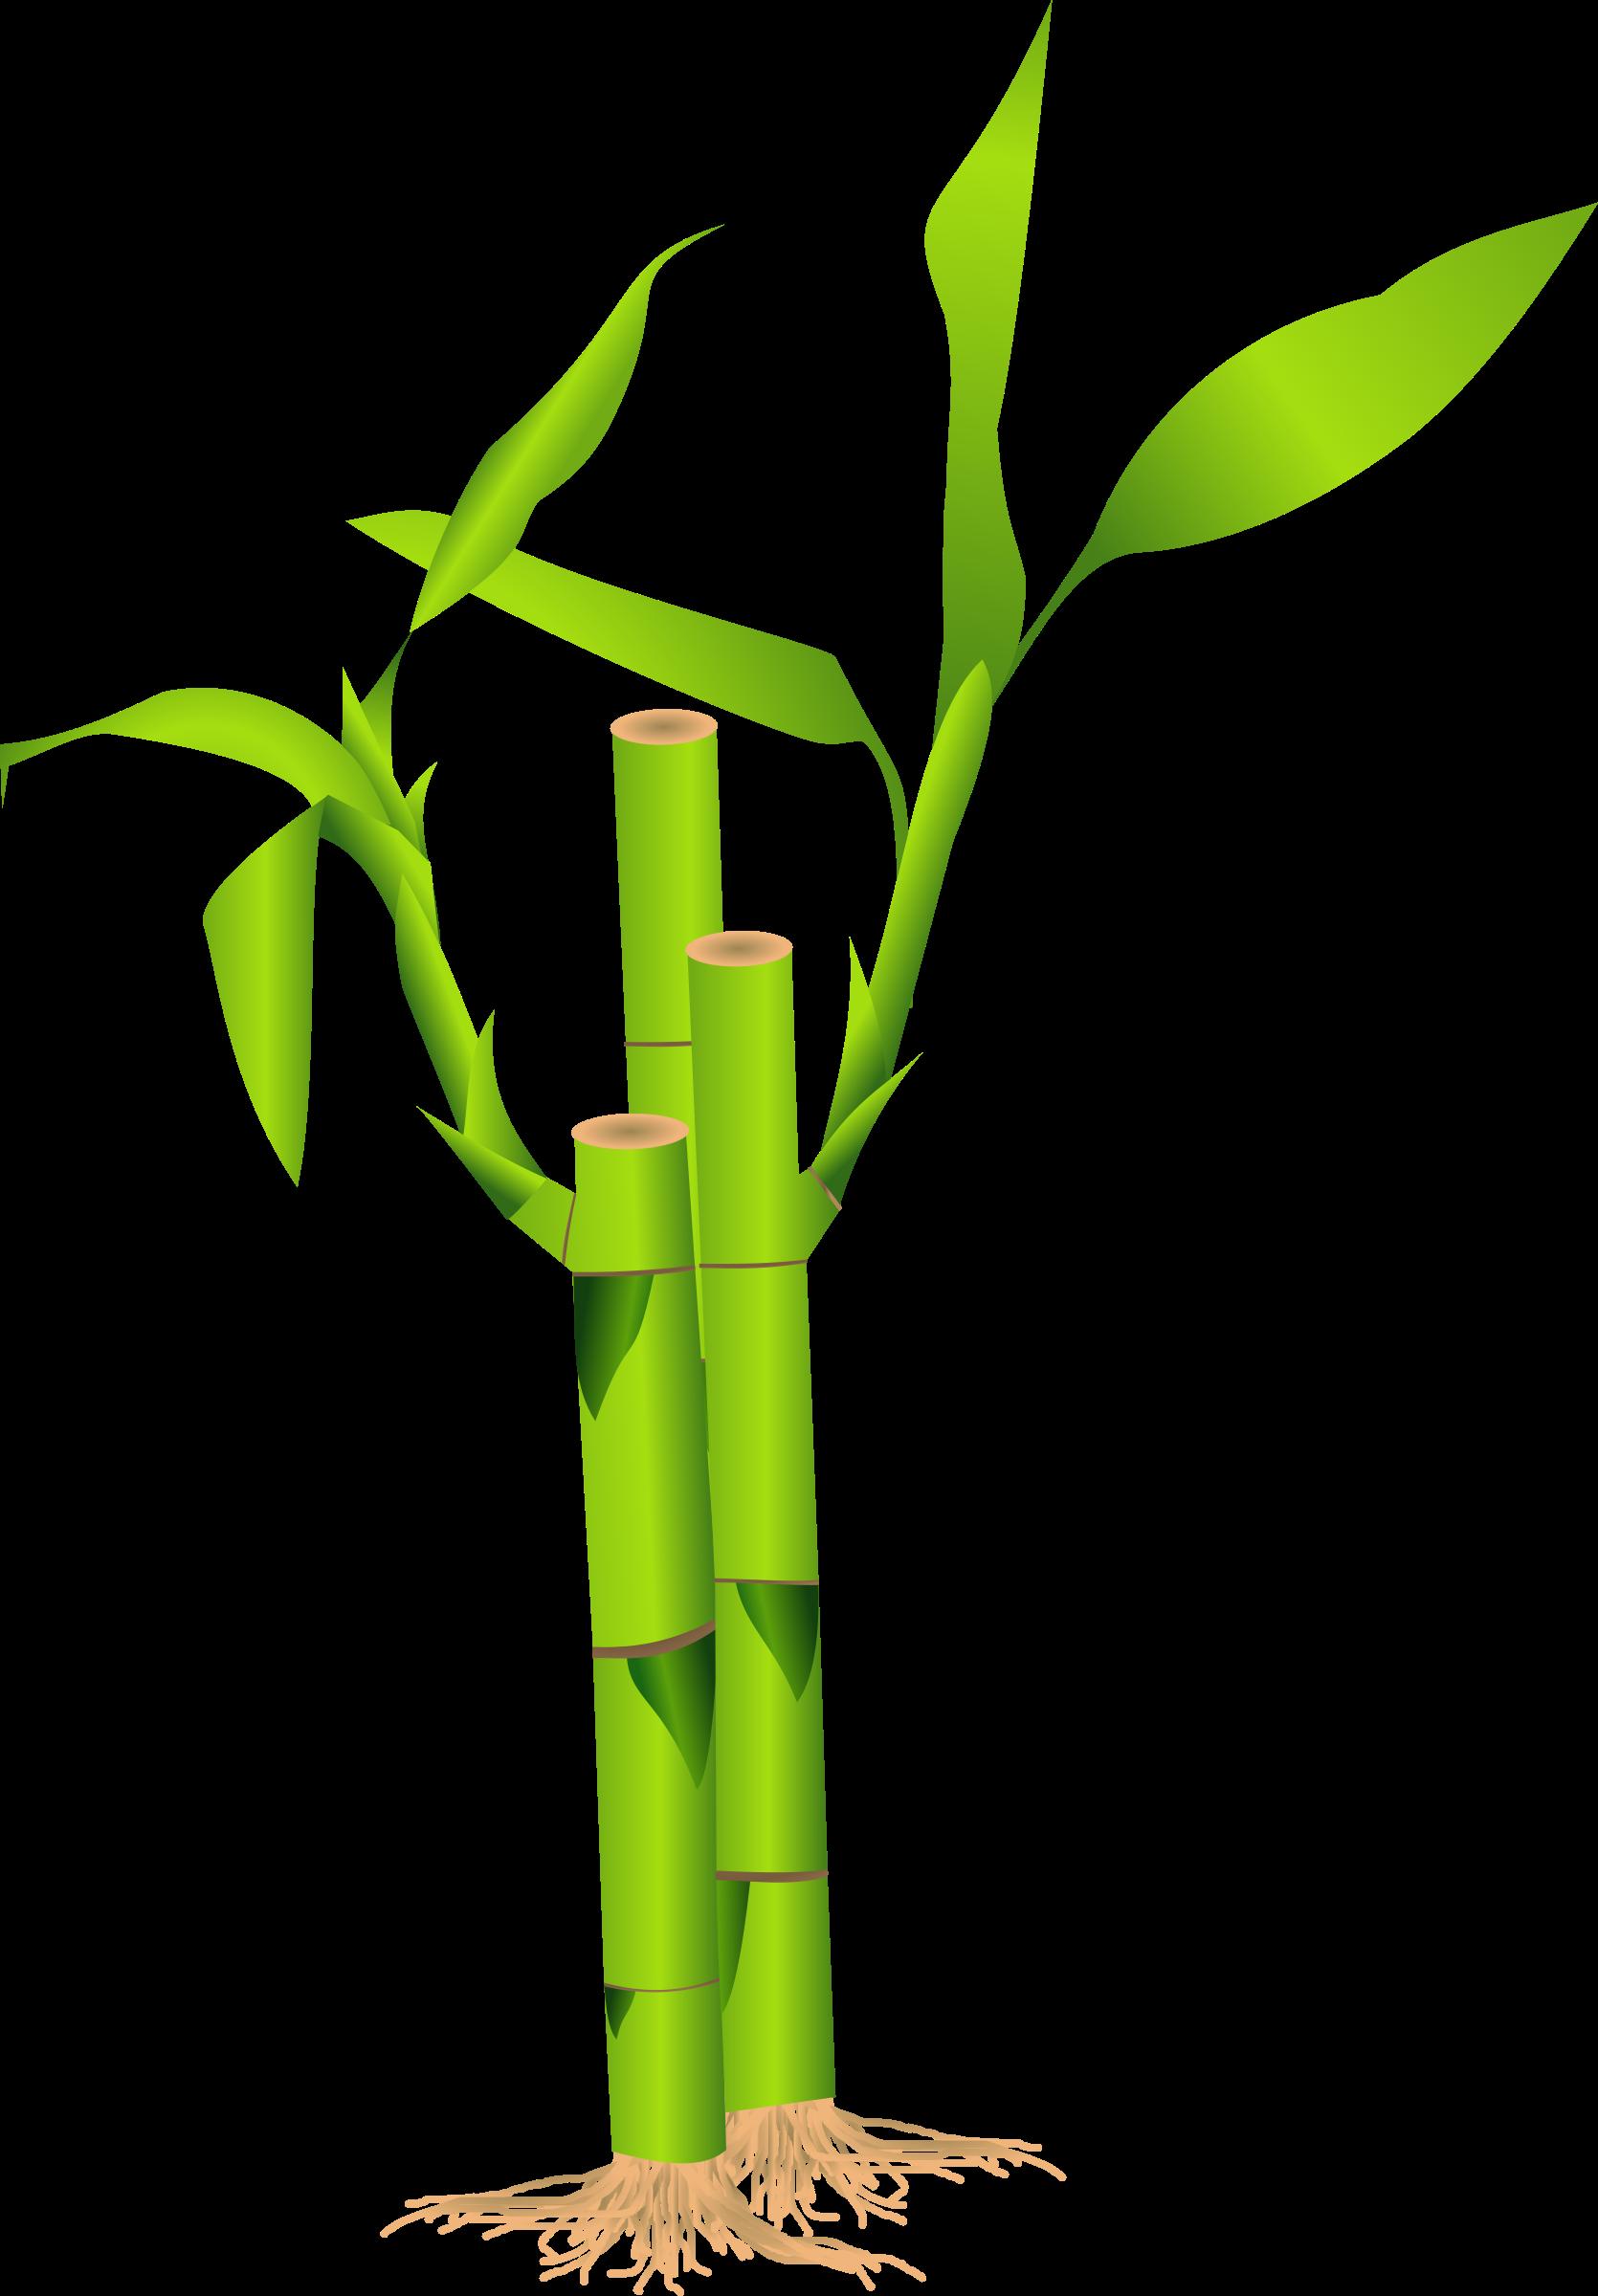 jpg royalty free Bamboo clipart. Big image png